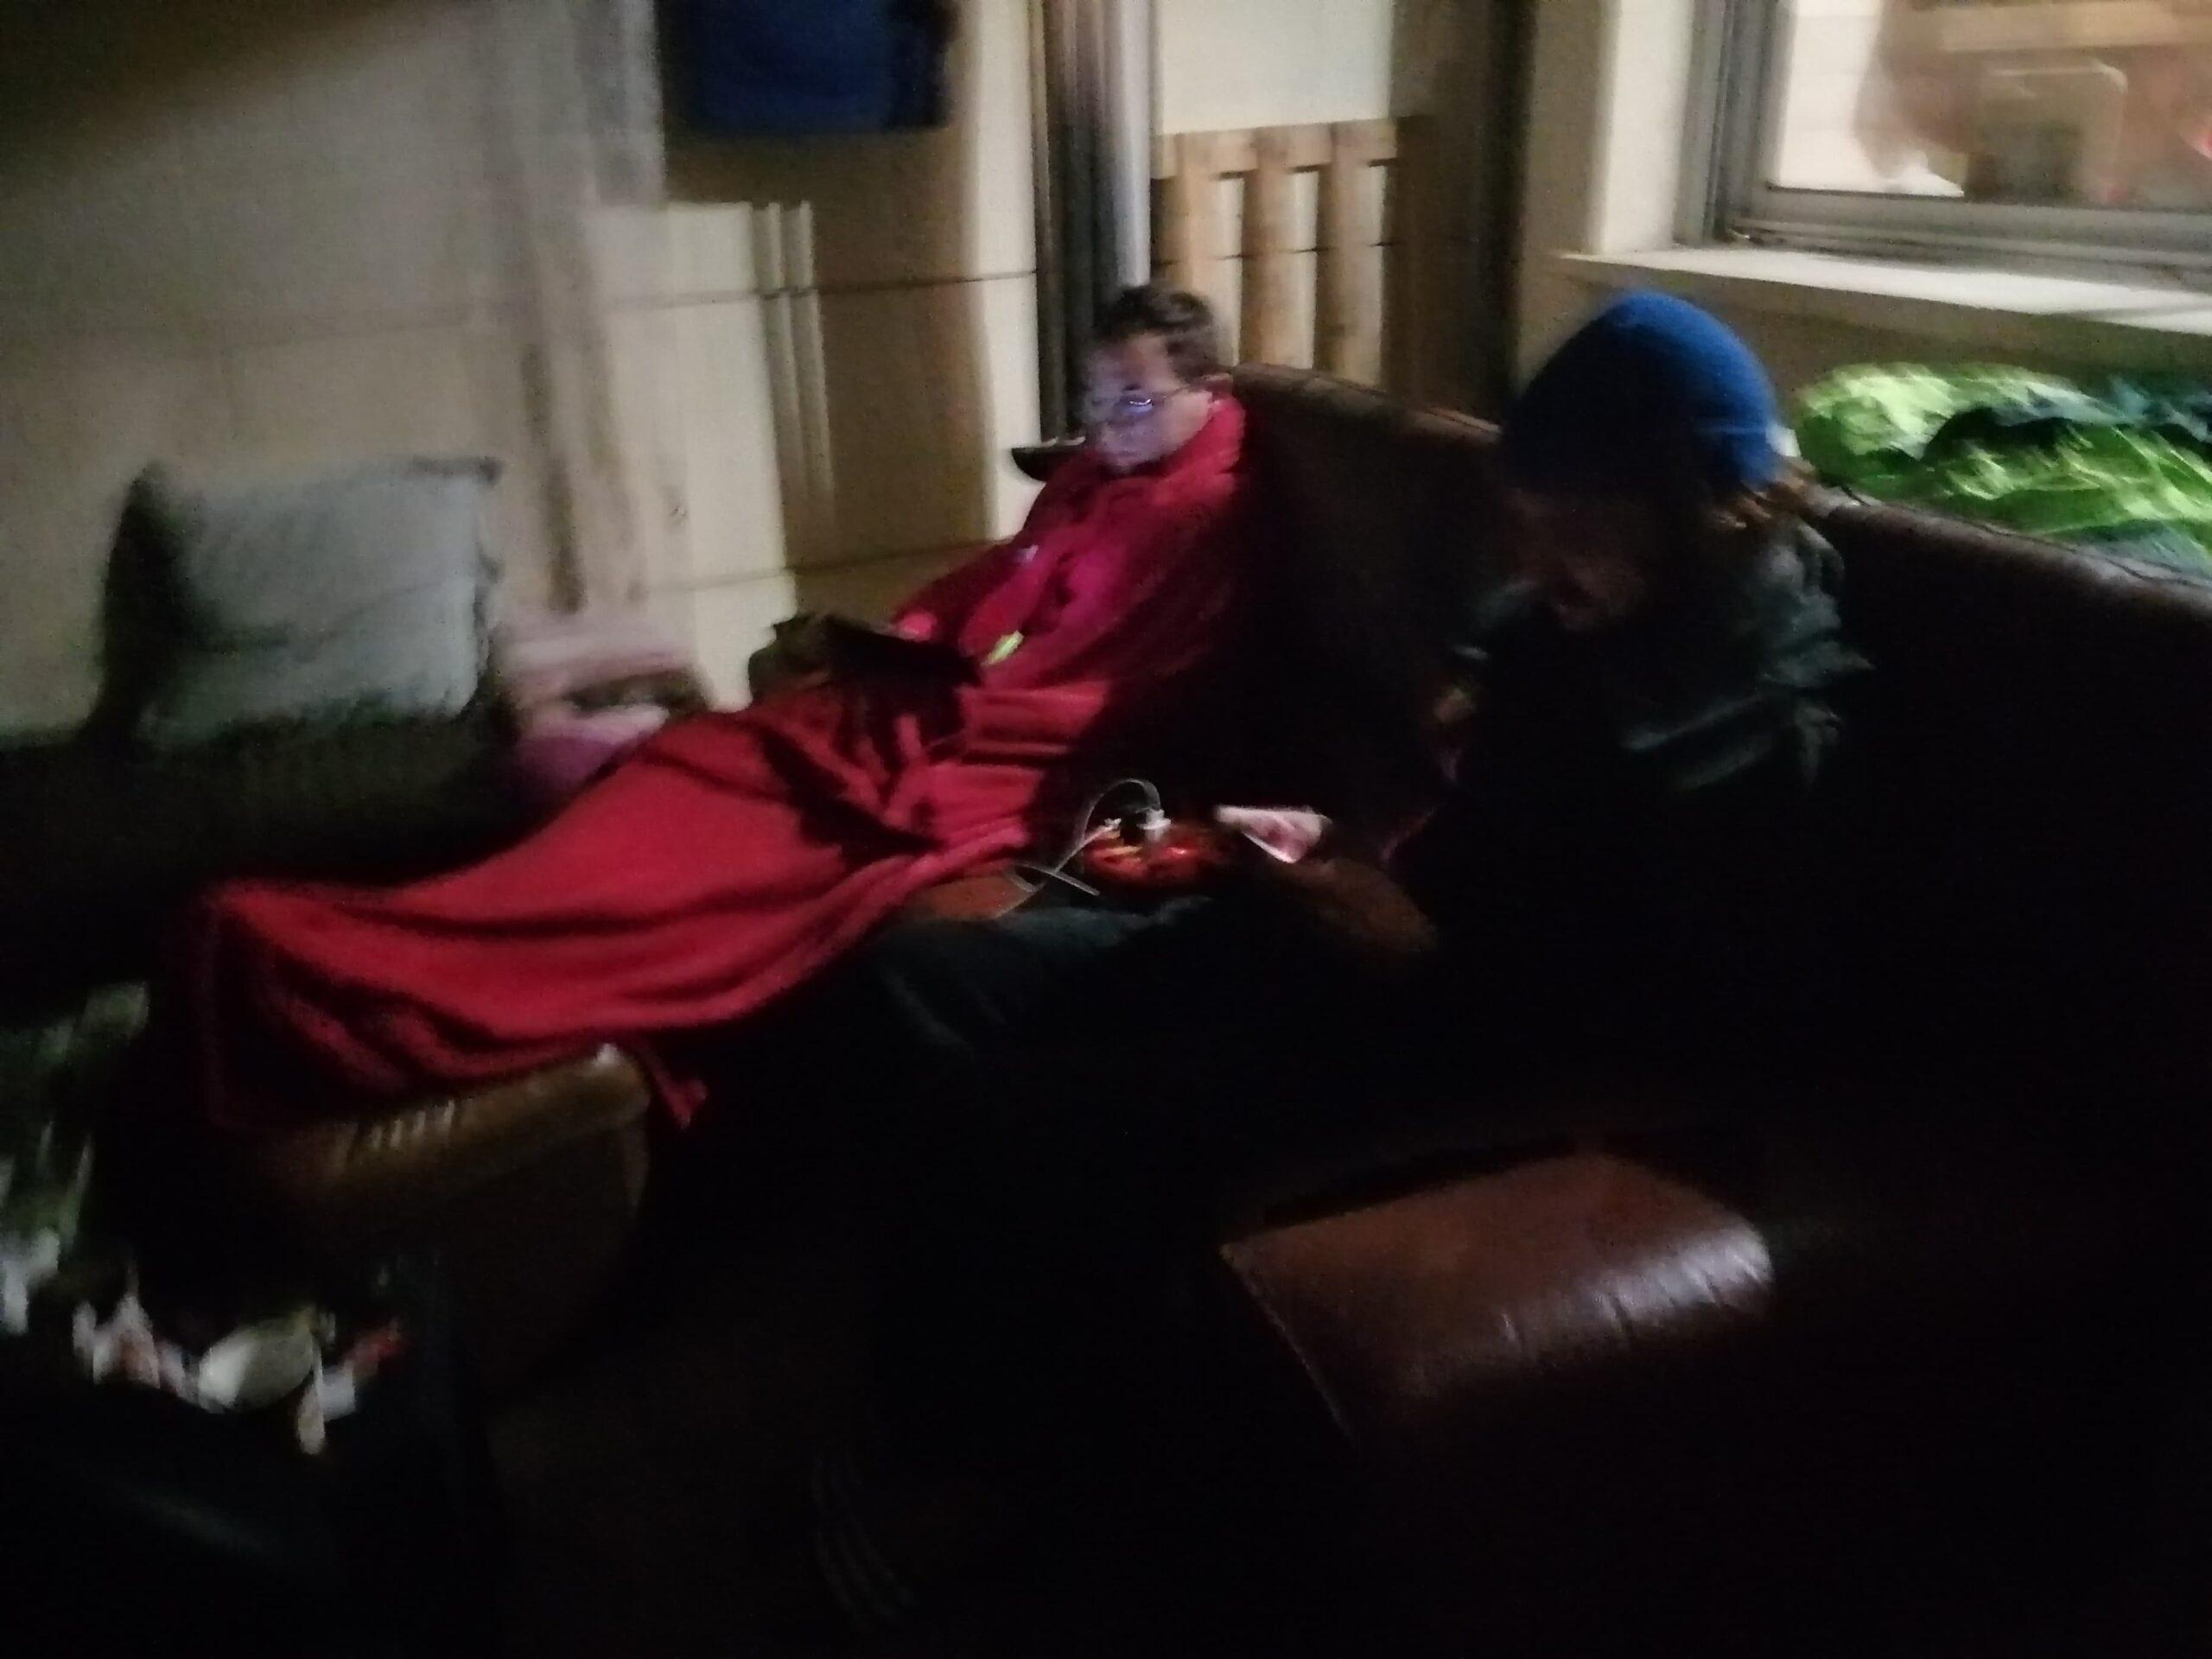 Dans une ambiance sombre, à la nuit tombée, deux jeunes hommes occupés sur leurs téléphones portables sont assis sur un canapé marron. Ils sont juste séparés par une rallonge multiprise, mais ne se parlent pas. Ils sont bien trop occupés sur leurs téléphones respectifs.